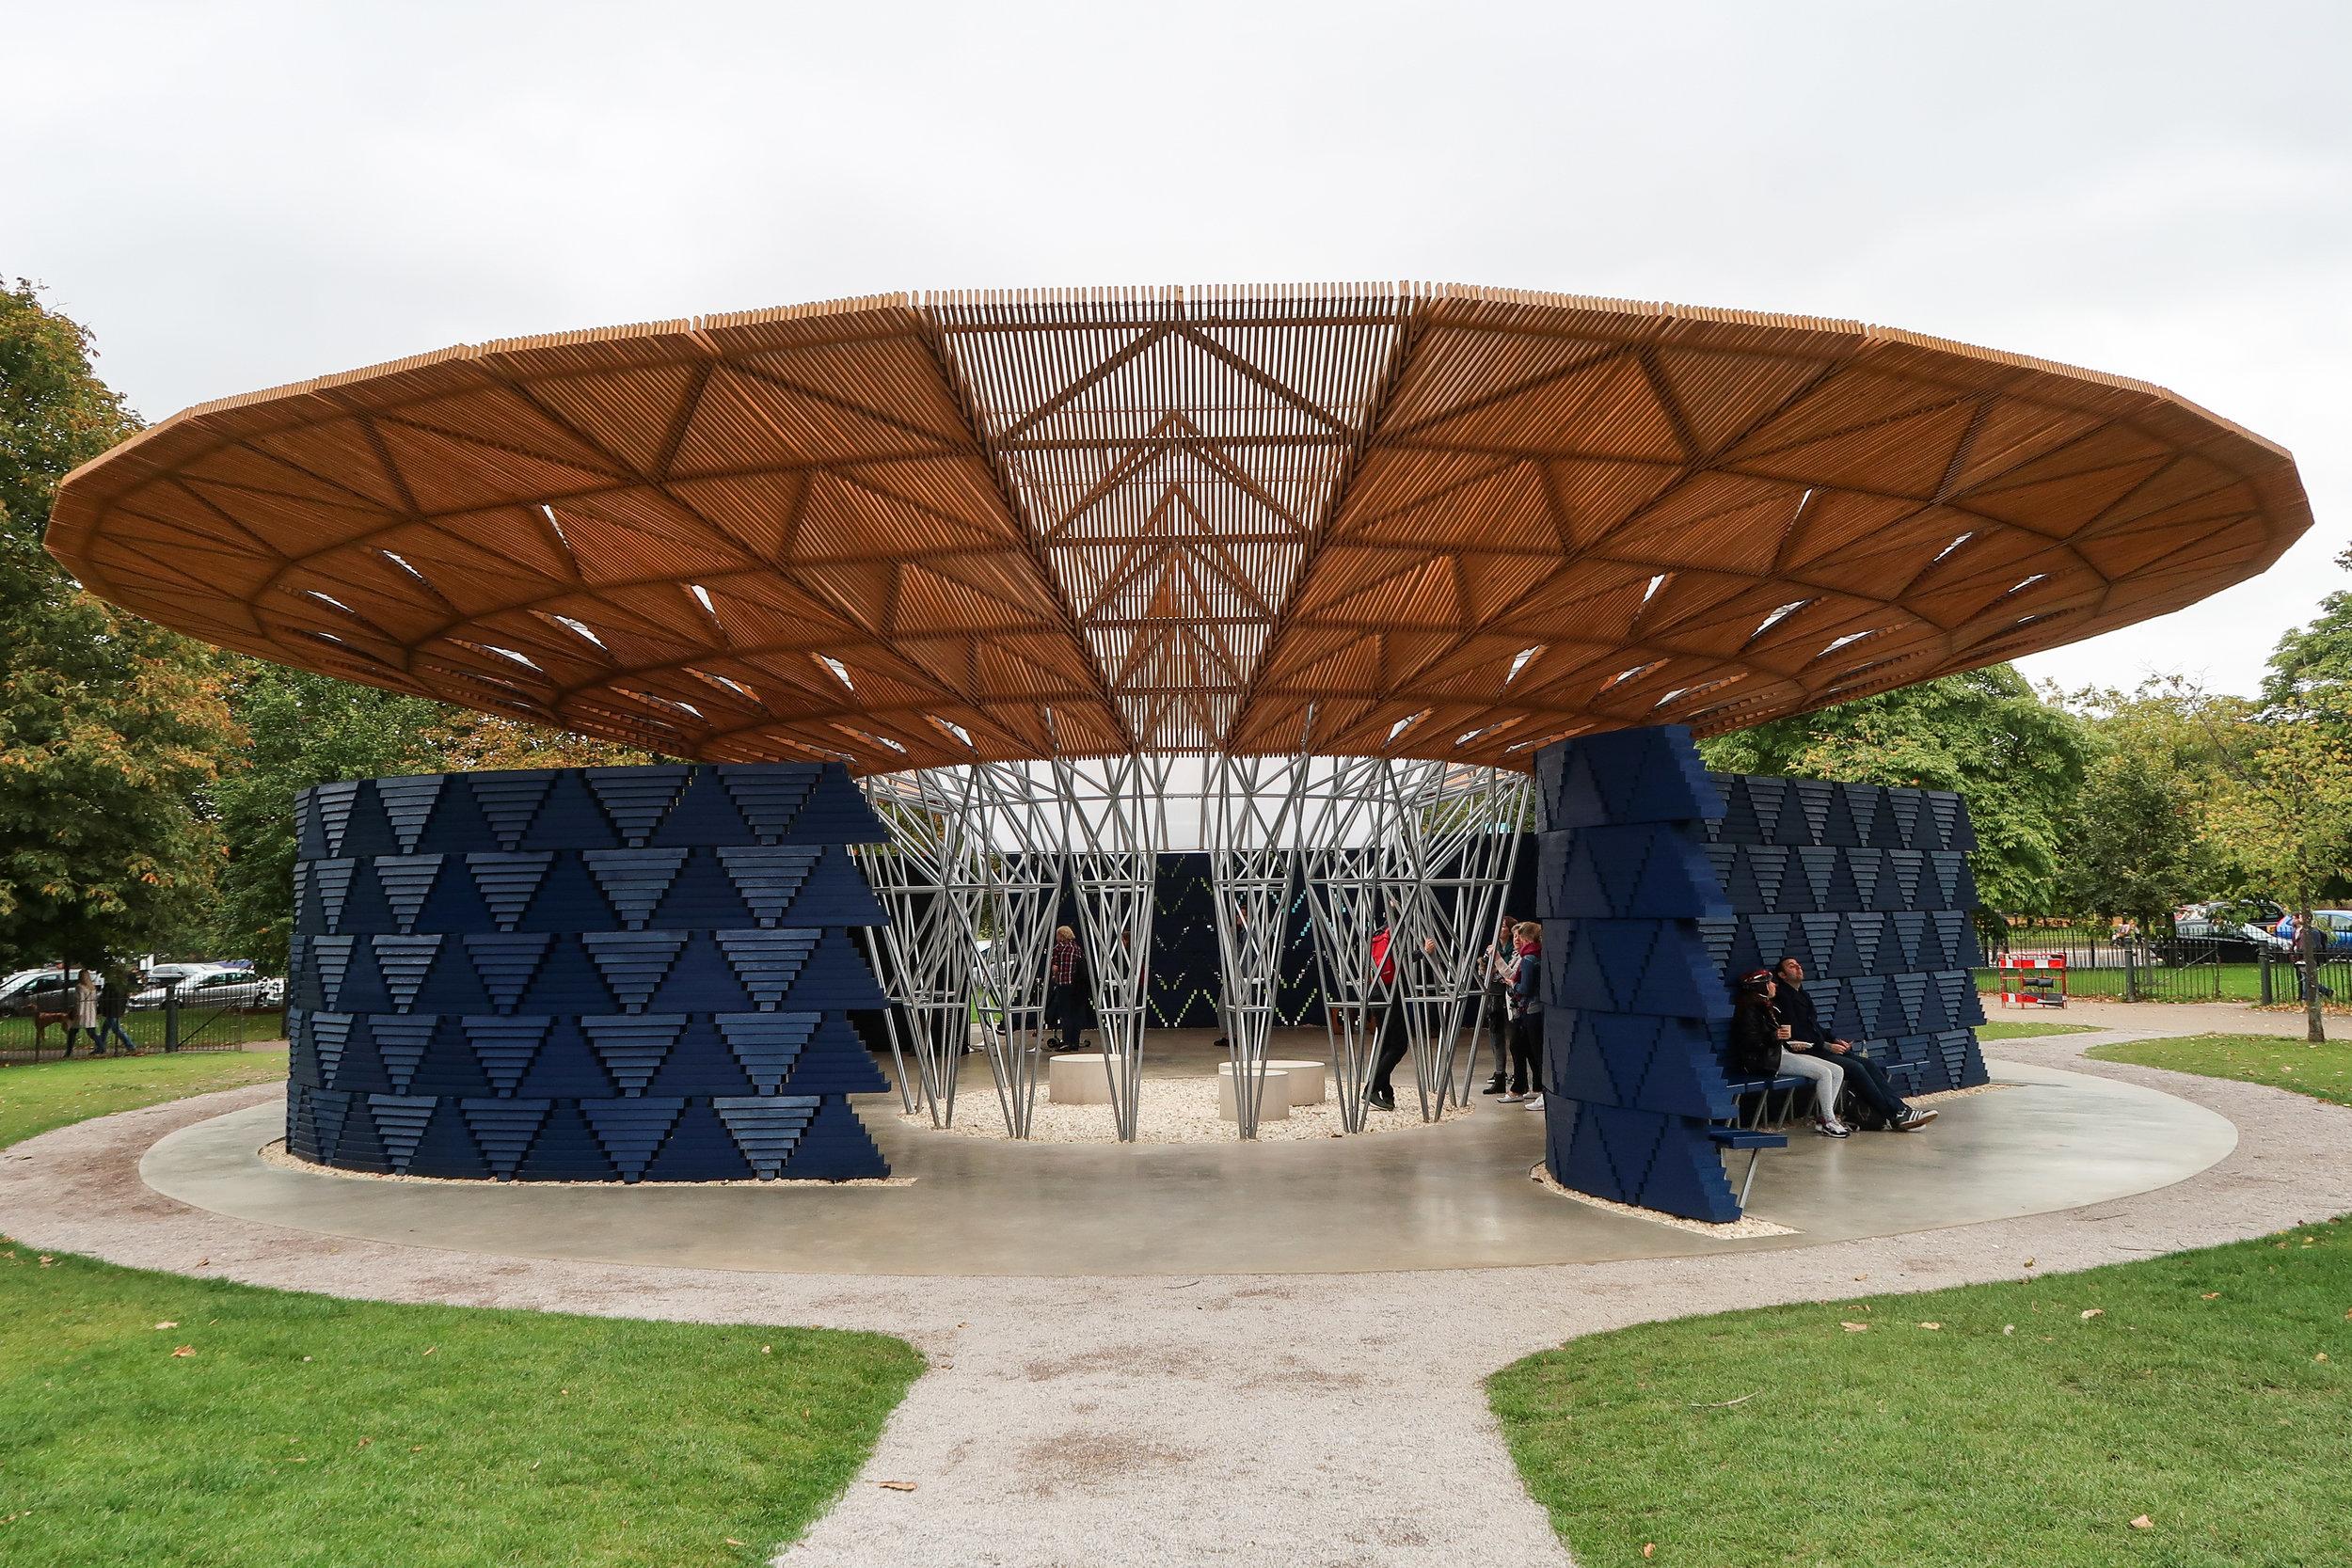 Serpentine Pavilion 2017 by Francis Kéré